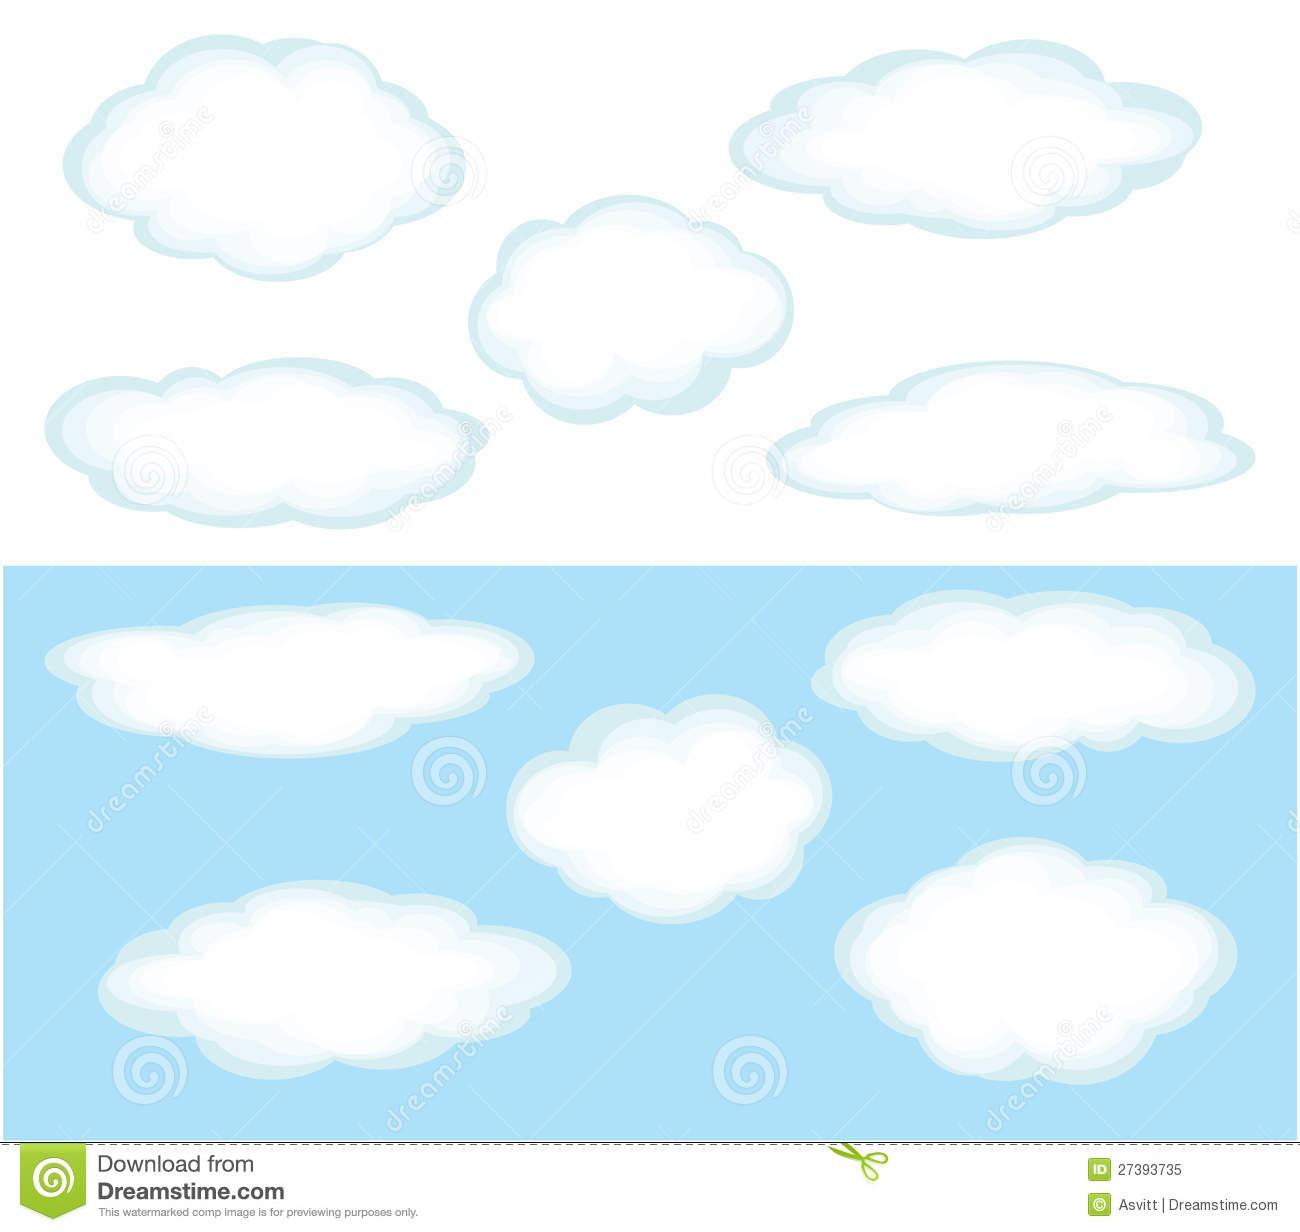 Cumulonimbus cloud clipart.